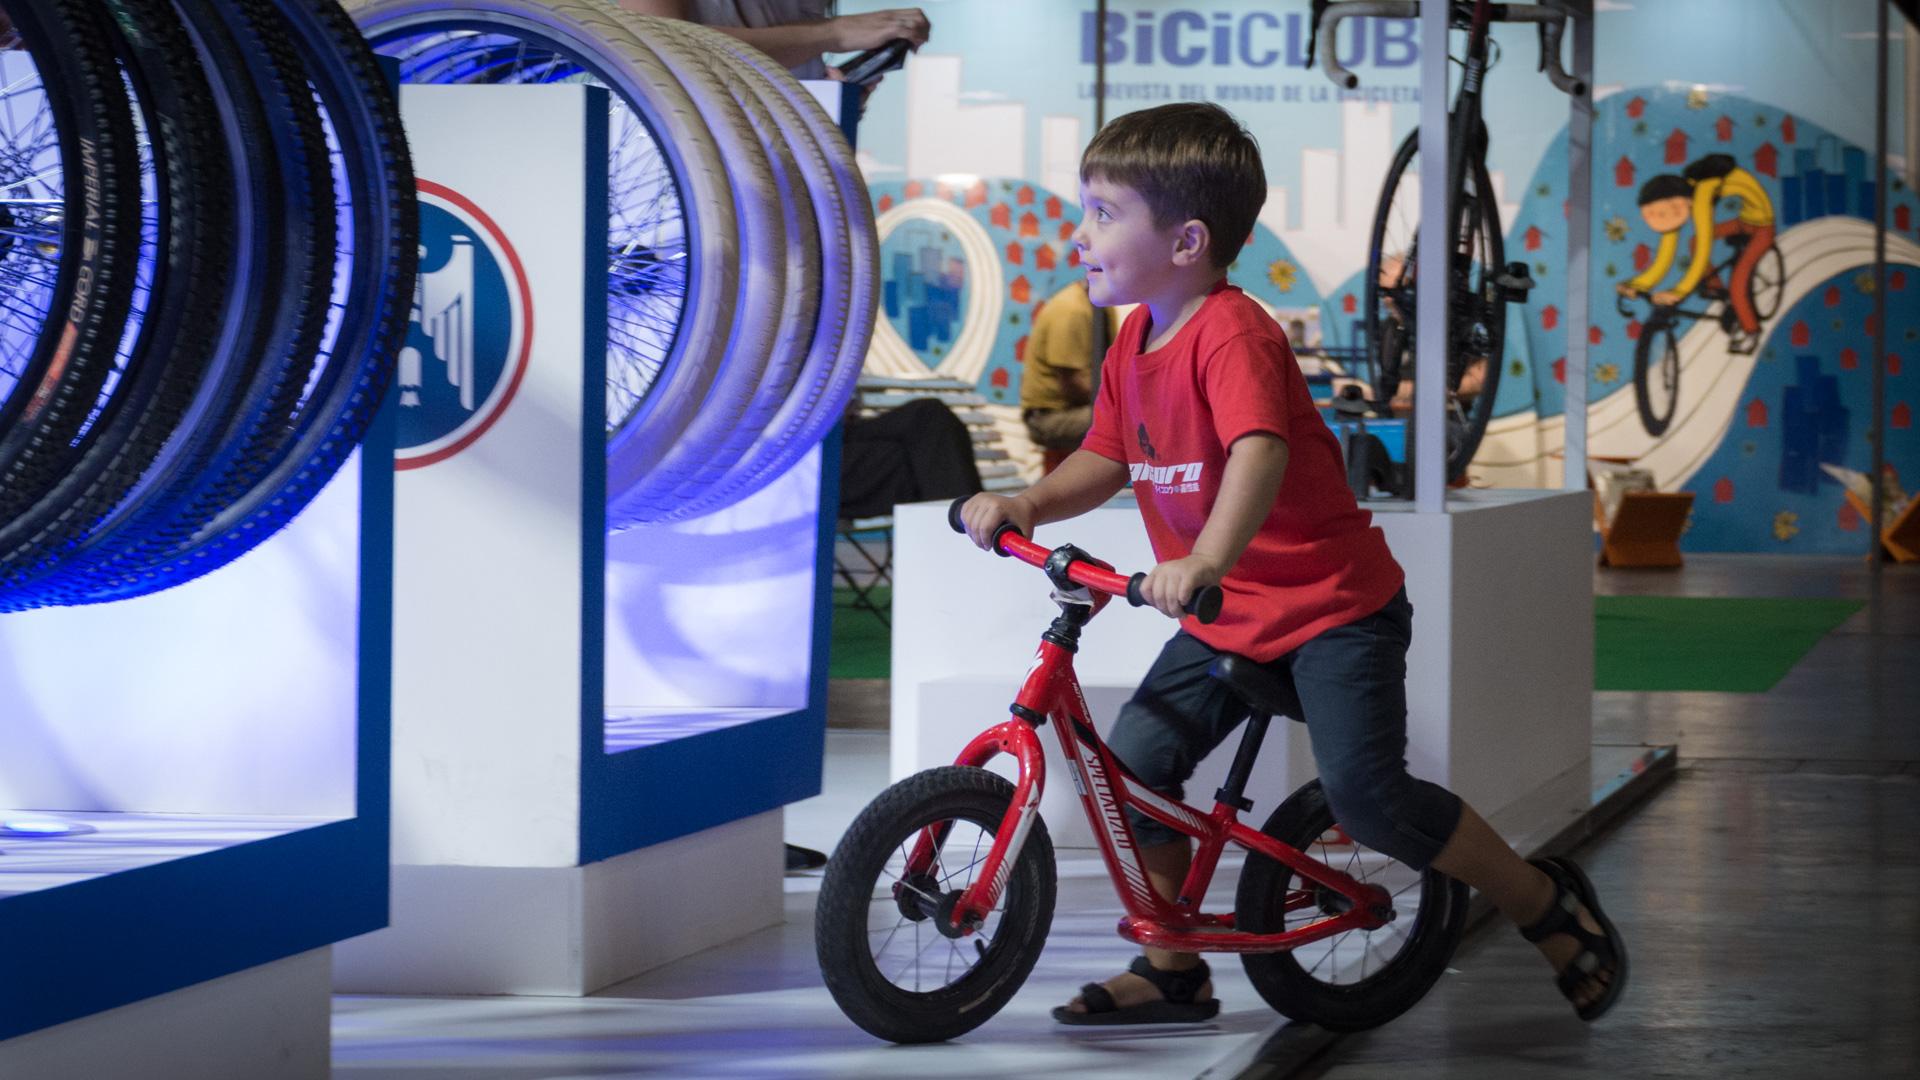 Para los niños se darán clases de manejo. En tanto para los más grandes, habrá cursos de mecánica y mantenimiento de bicis